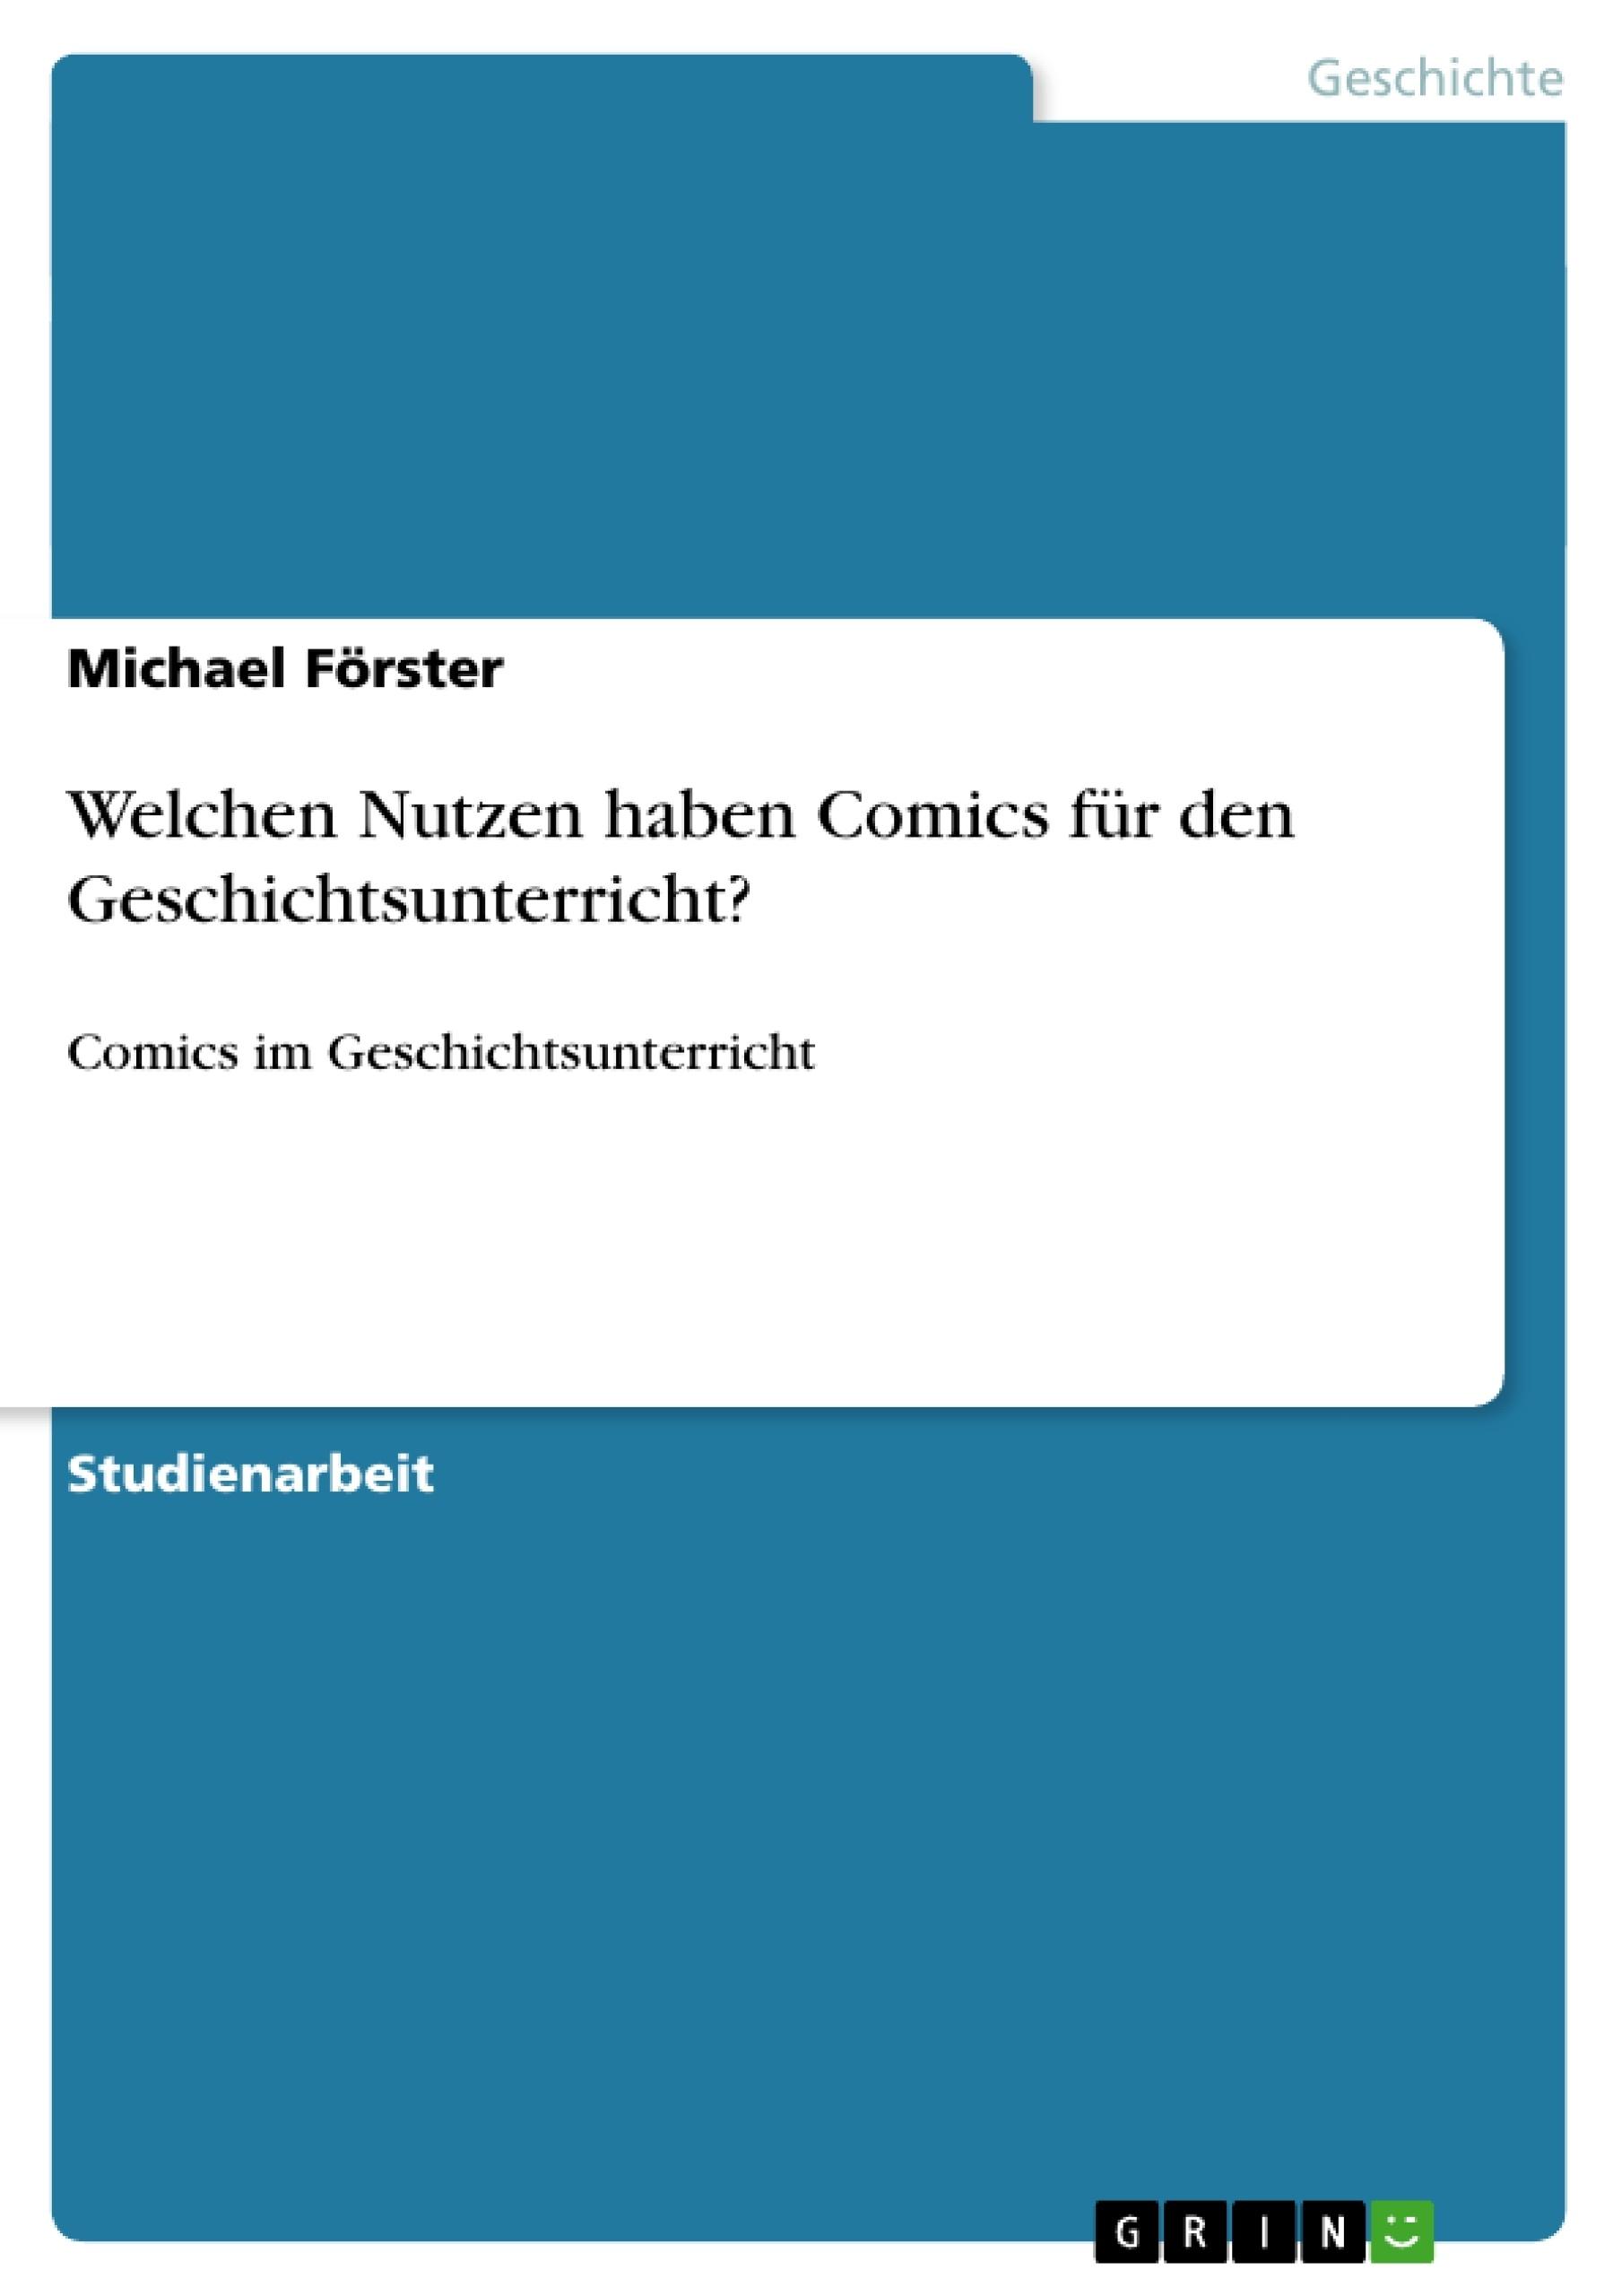 Titel: Welchen Nutzen haben Comics für den Geschichtsunterricht?